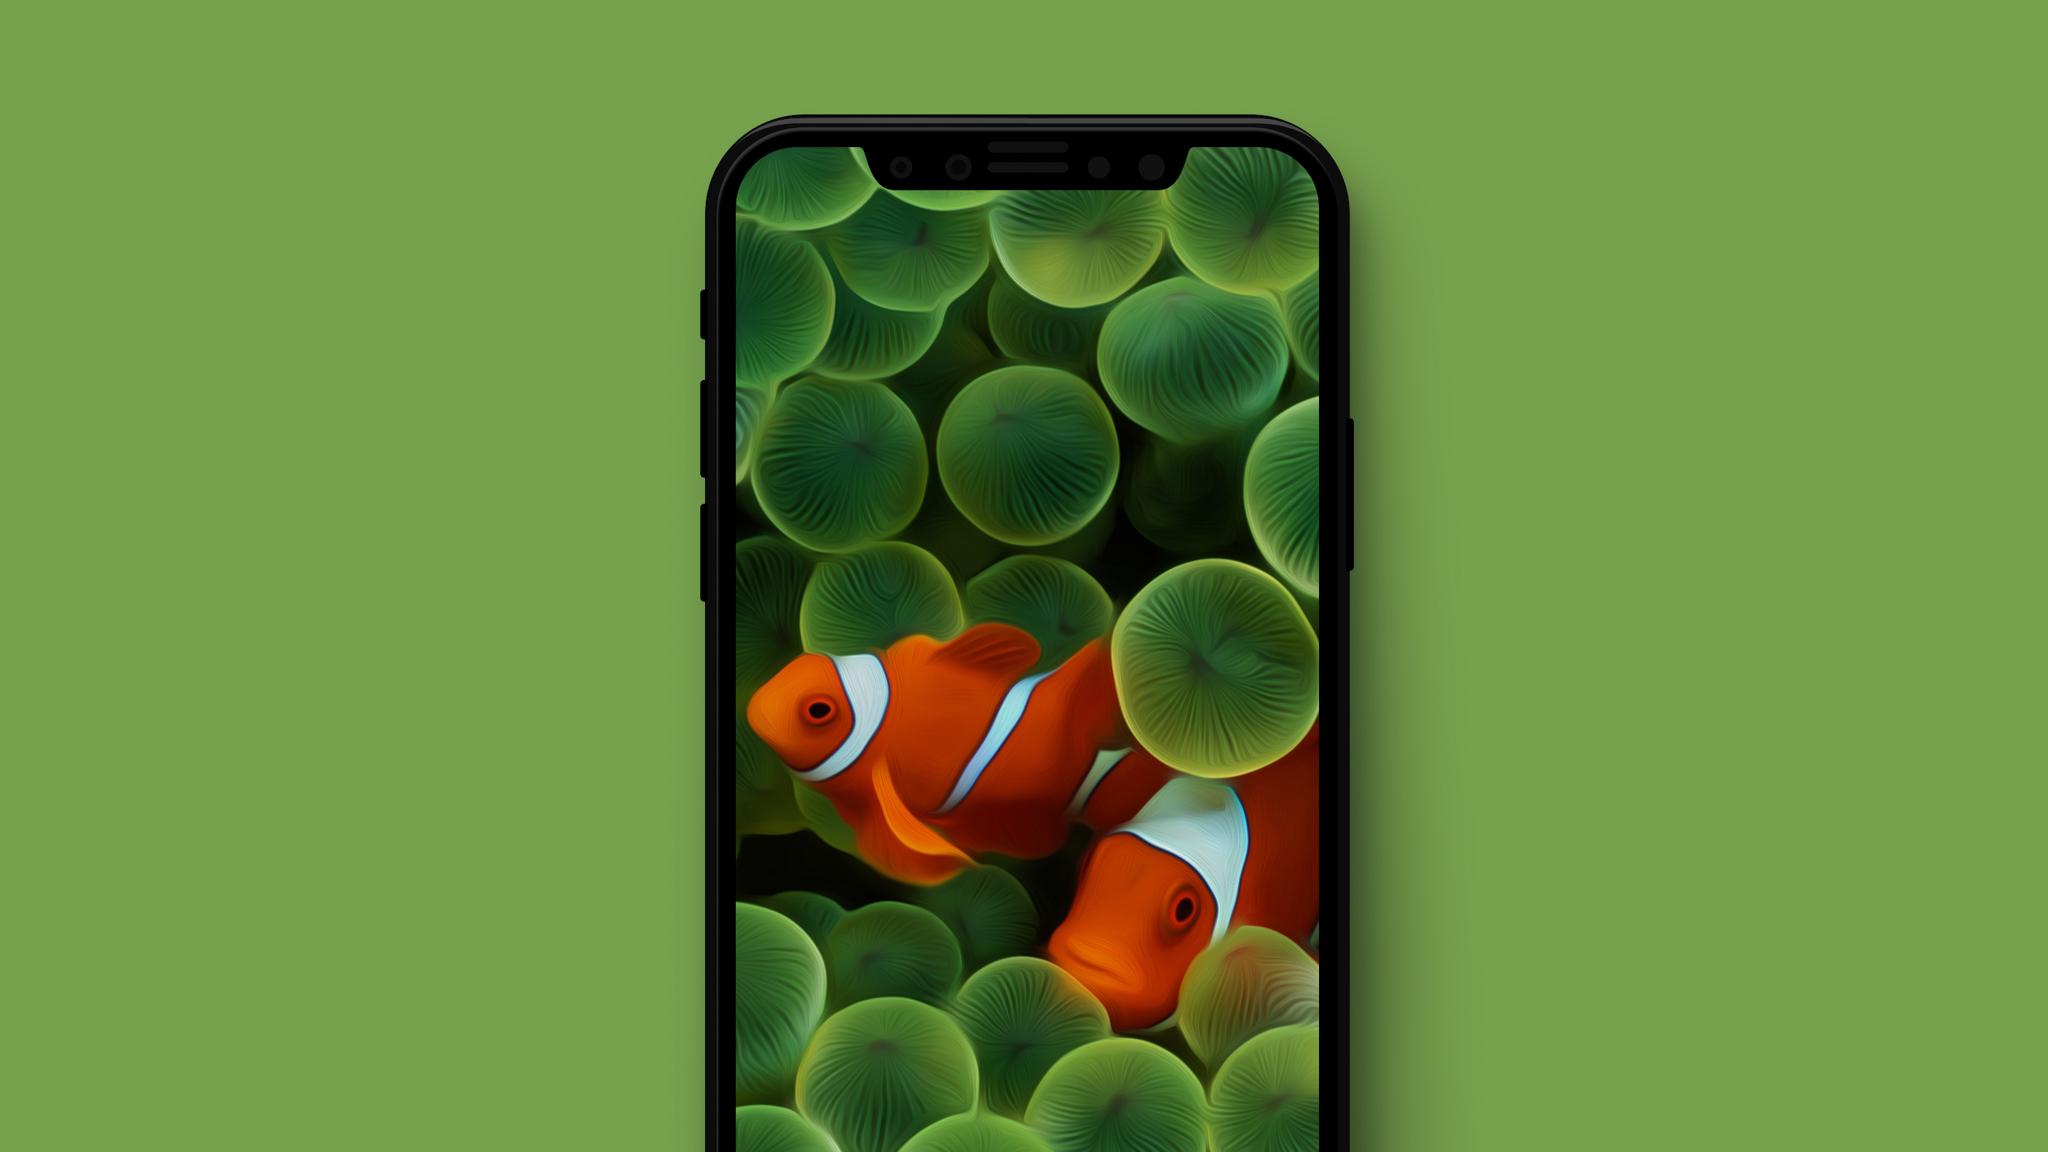 Hướng dẫn sử dụng hình nền của iPhone X cho các dòng iPhone khác hình 1